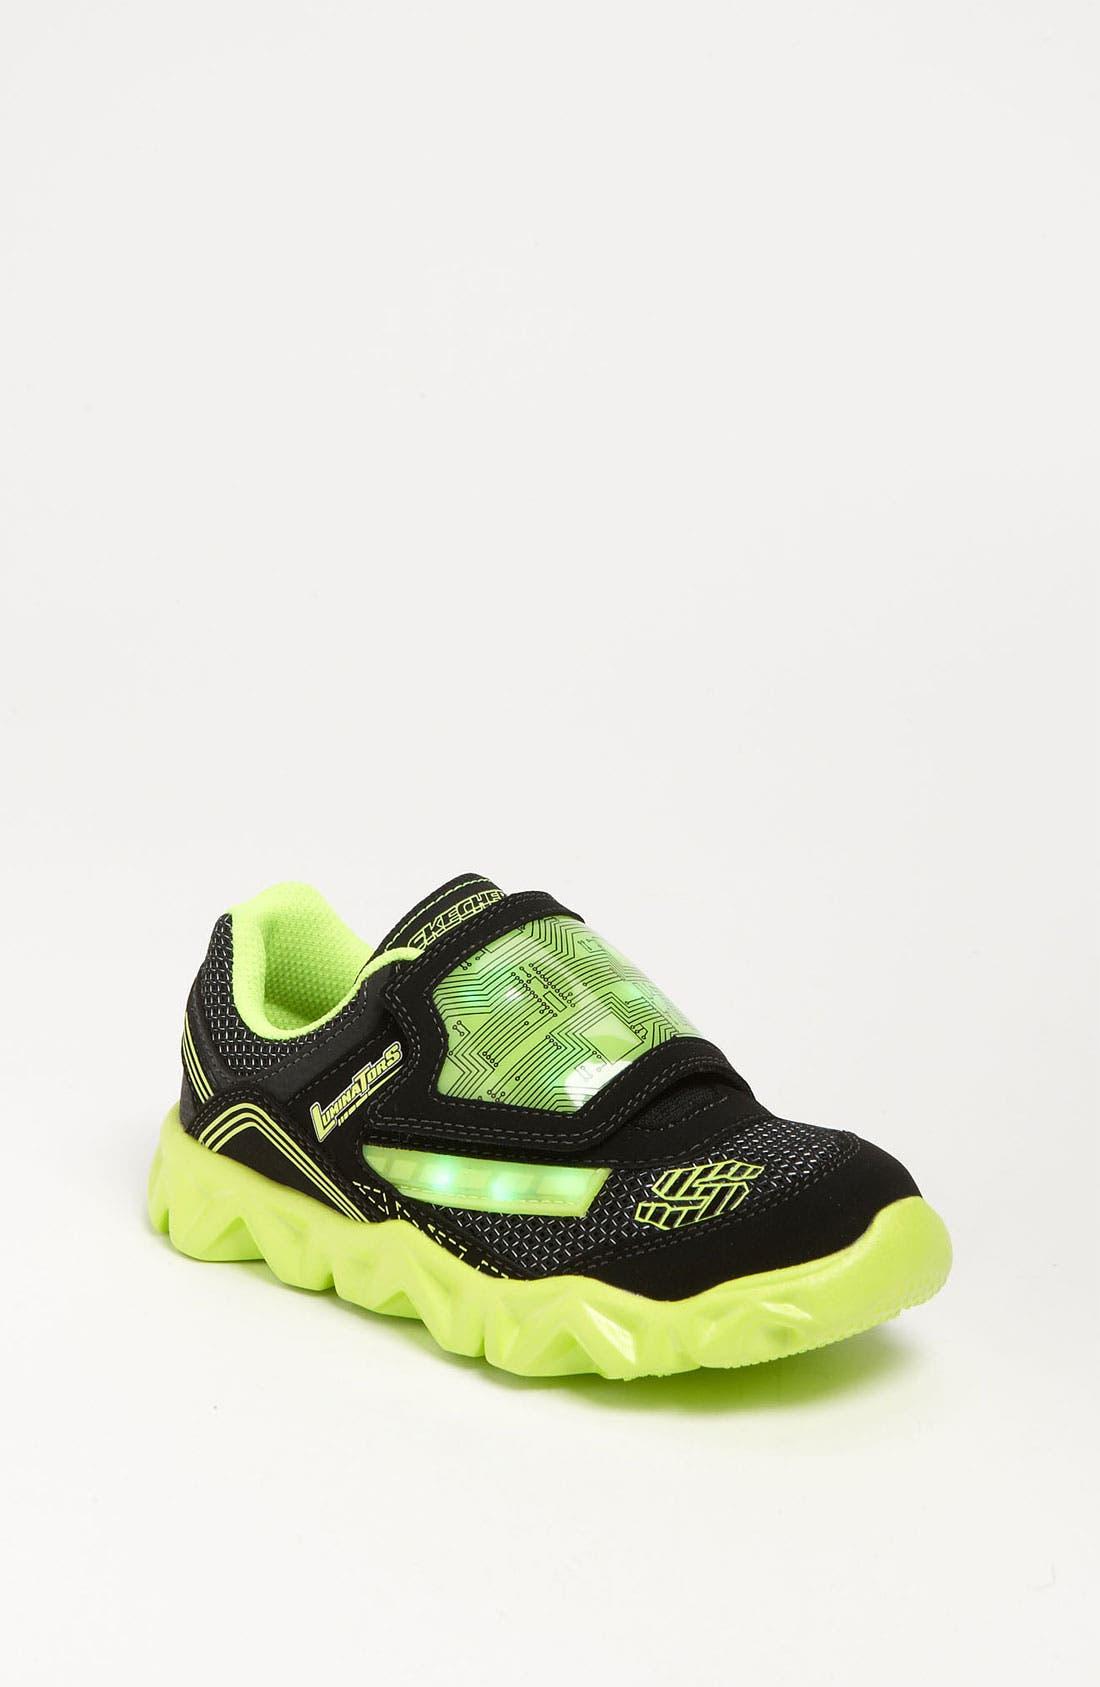 Alternate Image 1 Selected - SKECHERS 'S Lights - Datarox' Light-Up Sneaker (Toddler & Little Kid)